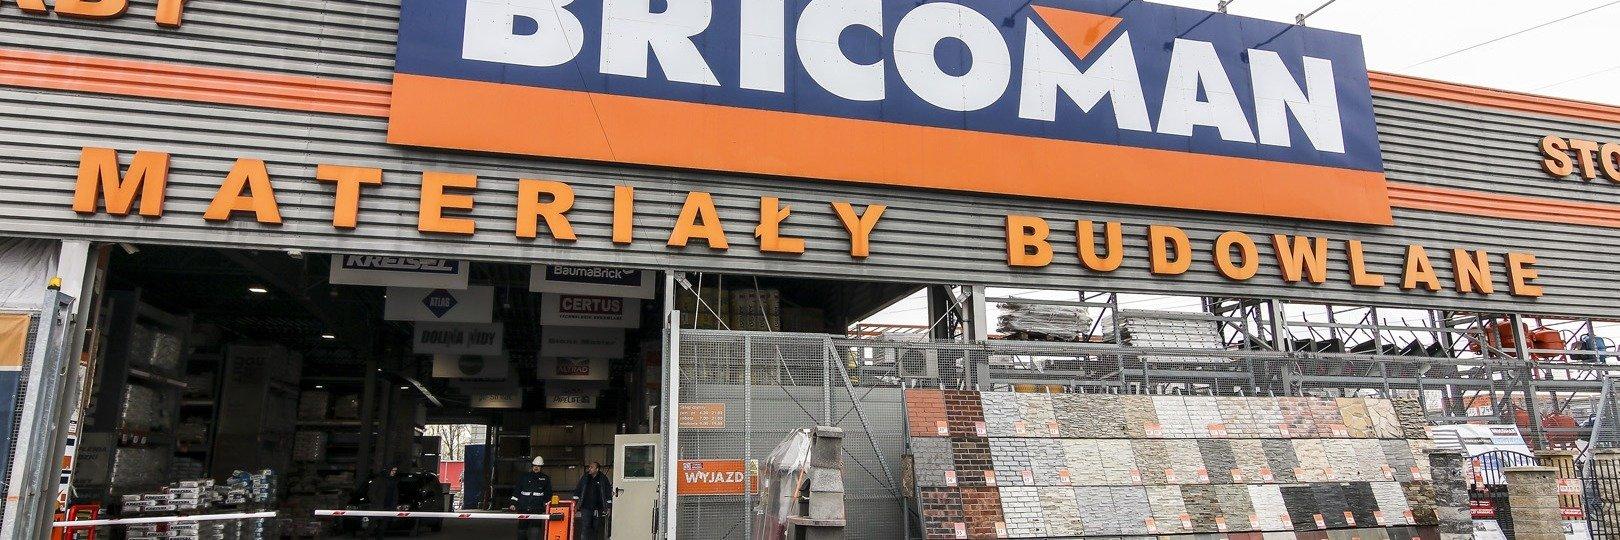 Bricoman rozstrzygnął przetarg na agencję kreatywną